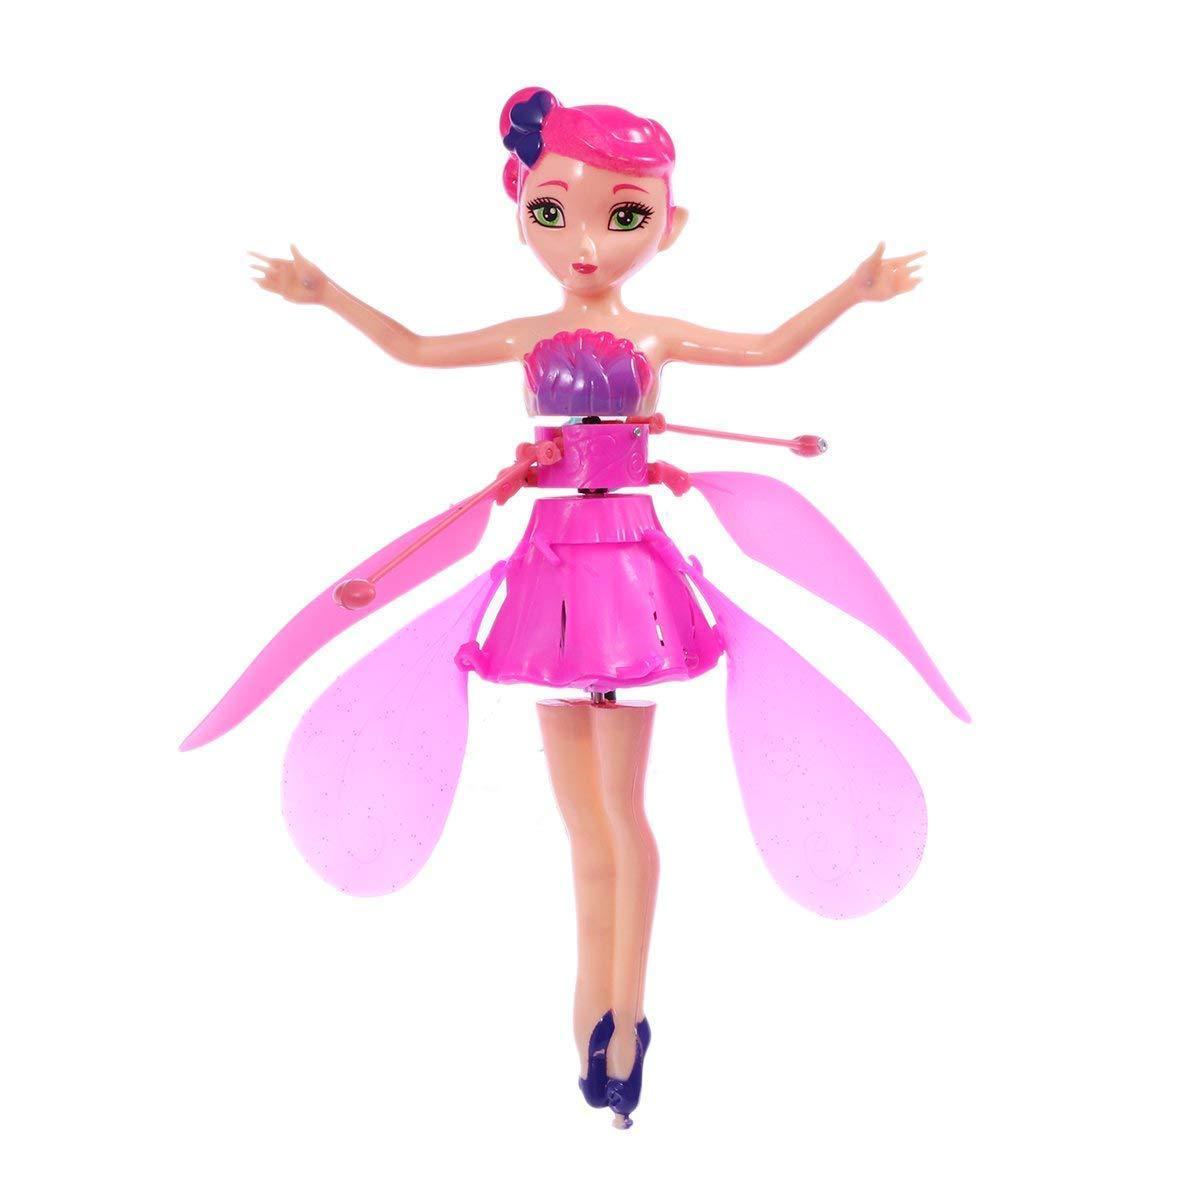 厂家直销感应飞行花仙子 感应小飞仙悬浮耐摔儿童感应飞行器玩具